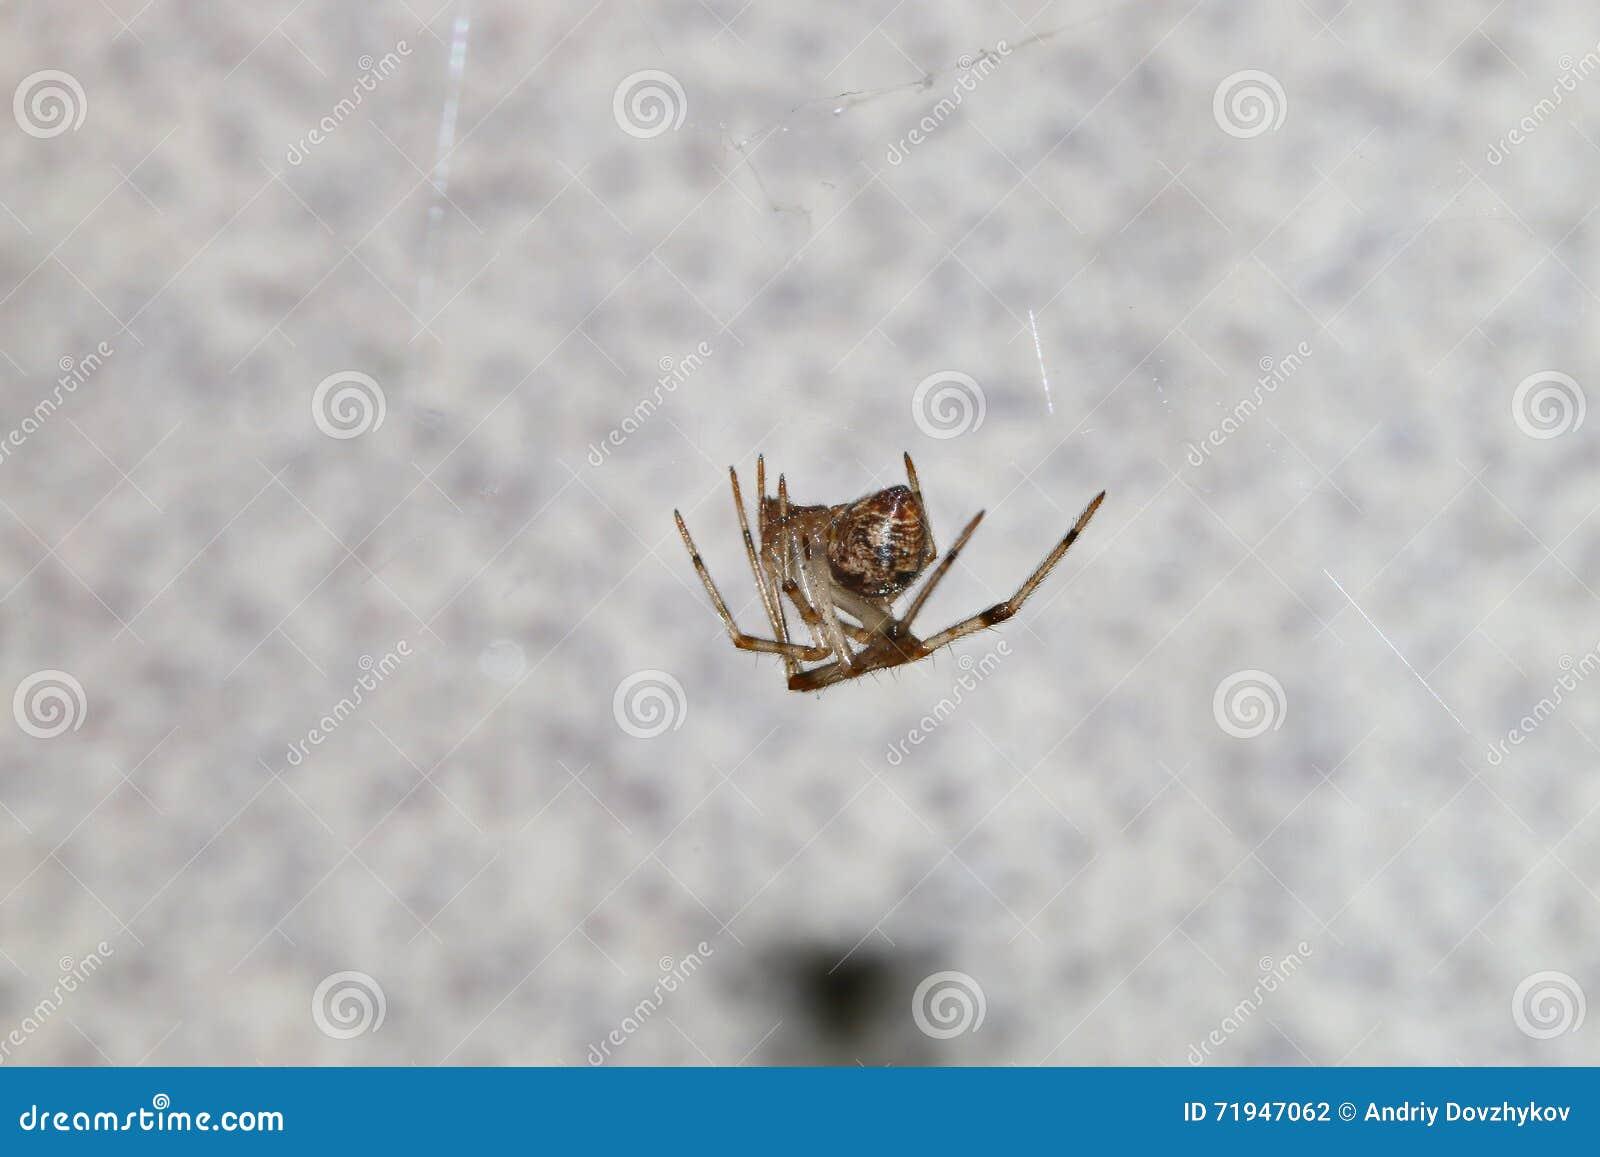 Жуки, пауки, насекомые